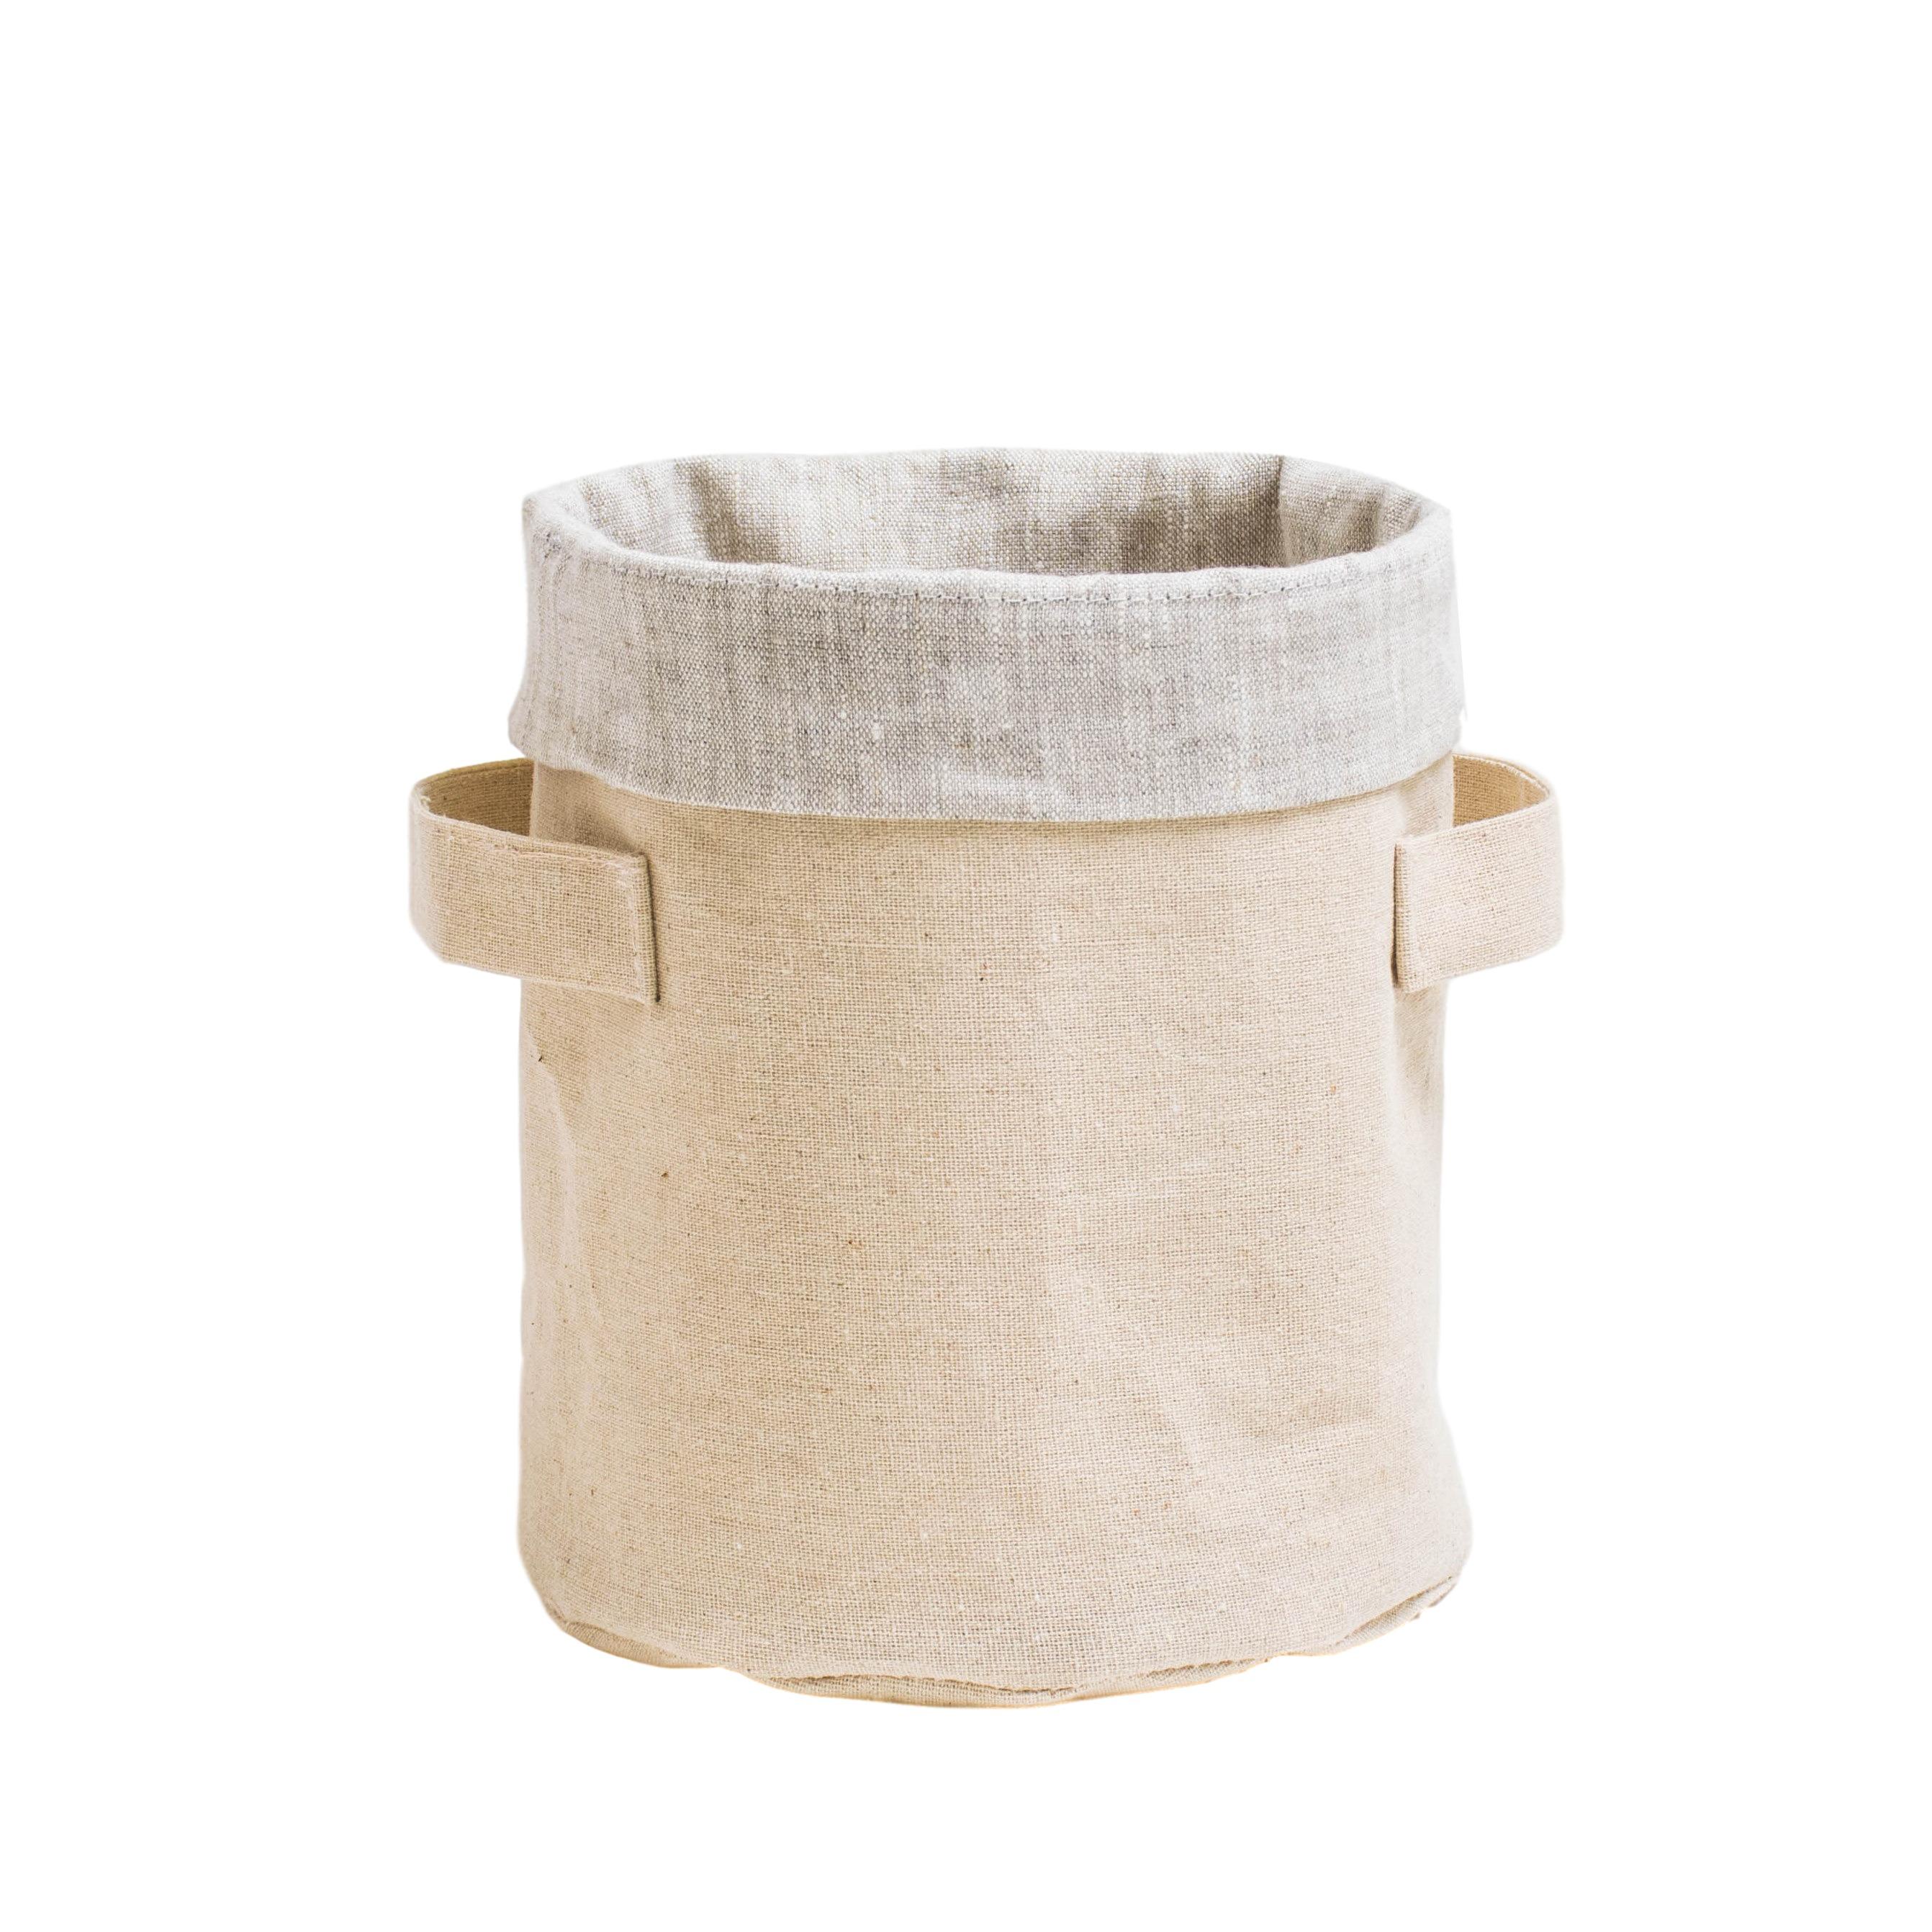 Короб круглый ПровансАксессуары для кухни<br>Короб «Прованс» выполнен в форме цилиндра и натуральных тканей, Внешняя сторона — из сурового льна, внутренний чехол из серого хлопкольна.<br><br>Чудесное решение для поддержания порядка на открытых полках в детской комнате, спальне и даже кухне. Эту цилиндрическую корзинку можно использовать даже, как конфетницу или хлебницу!<br><br>Удобная форма и размеры (D17х20 см) делают короб универсальным помощником в доме. Все мелочи, которые обычно не находили своего места в квартире, теперь Вы можете аккуратно собрать в короб и они всегда будут у Вас под рукой.&amp;amp;nbsp;<br><br>Material: Хлопок<br>Height см: 20<br>Diameter см: 17